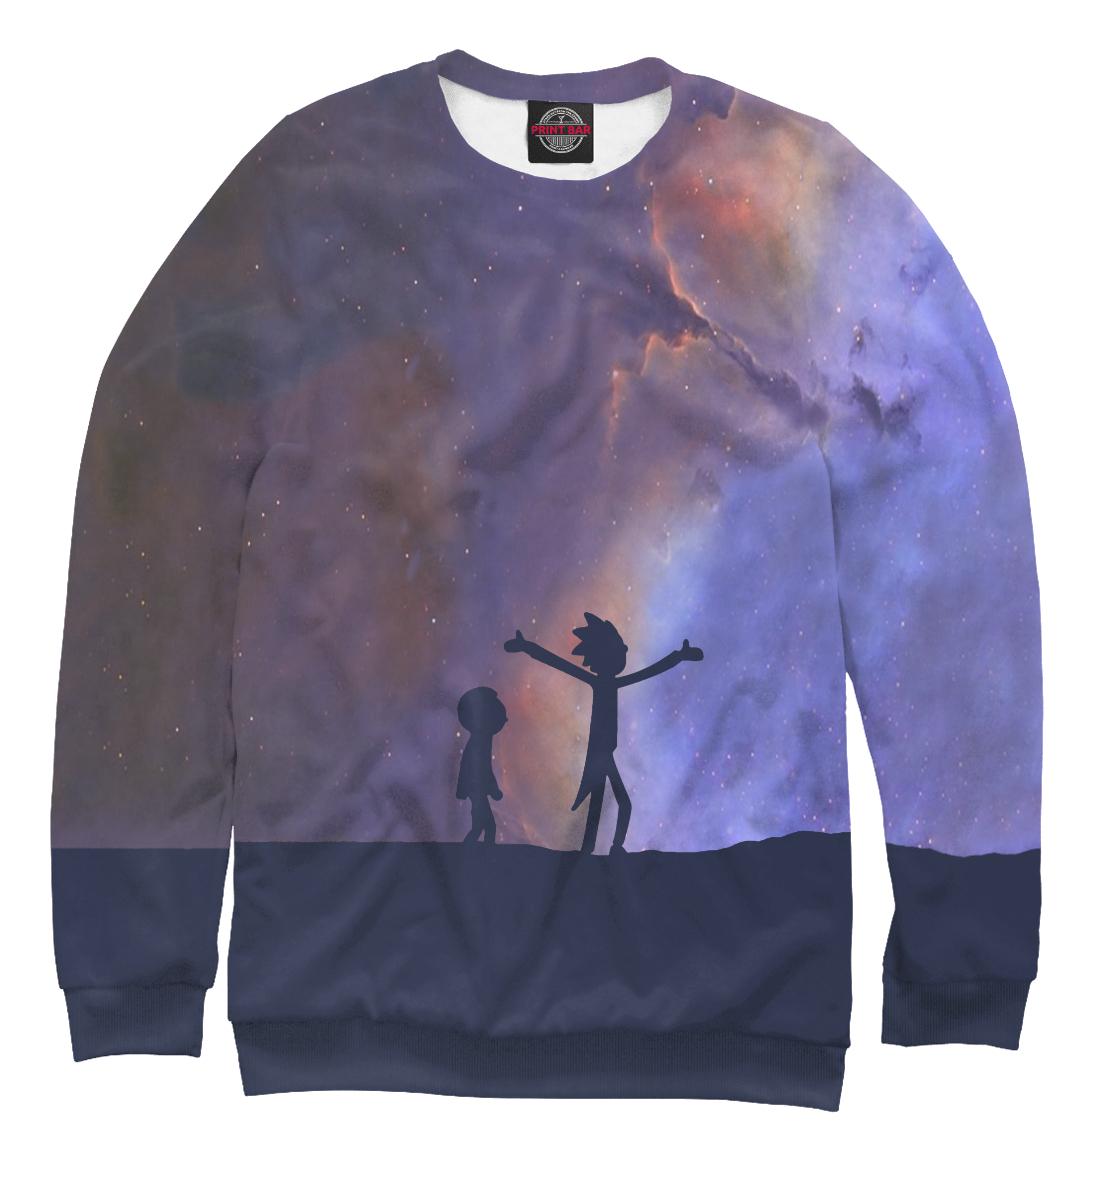 Купить Рик и Морти под звездным небом, Printbar, Свитшоты, RNM-293961-swi-1